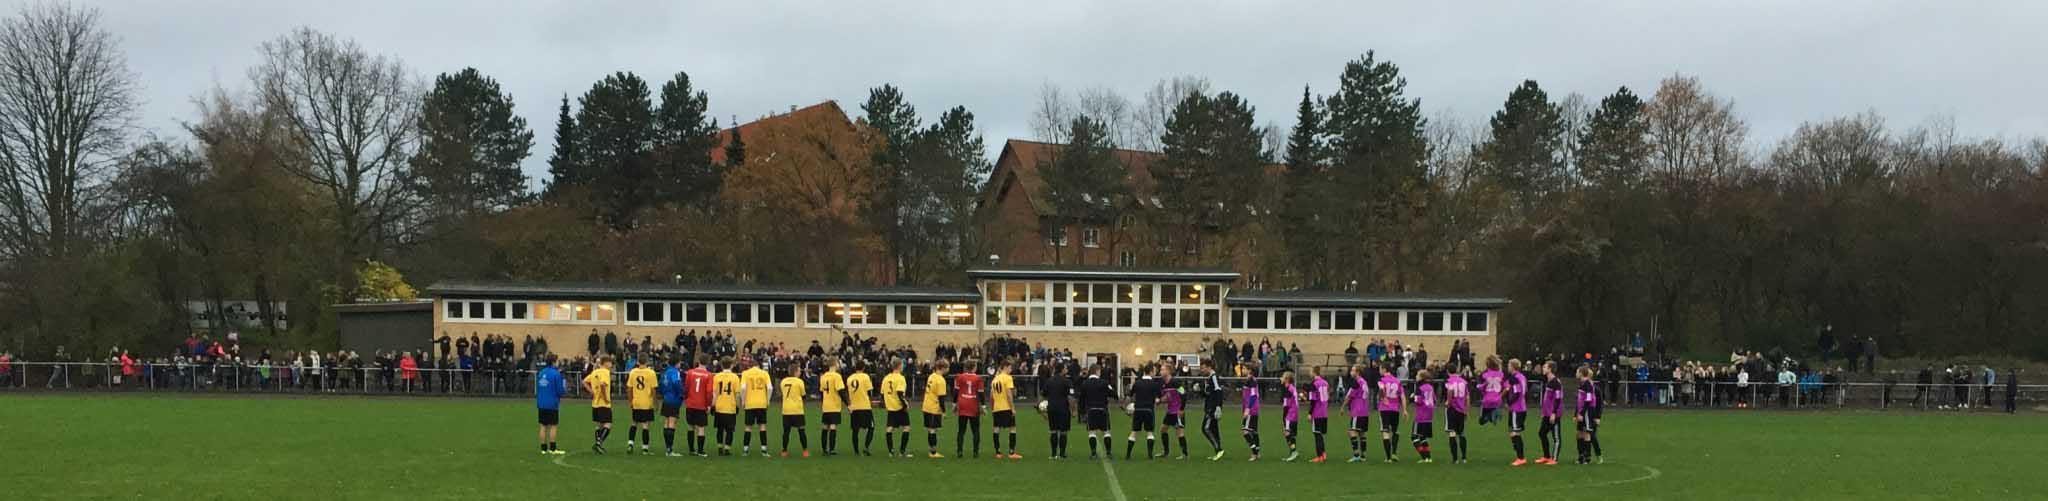 Fodbold: Kredsfinalen blev endestation for Gåsetårnskolen i skolefodbold.